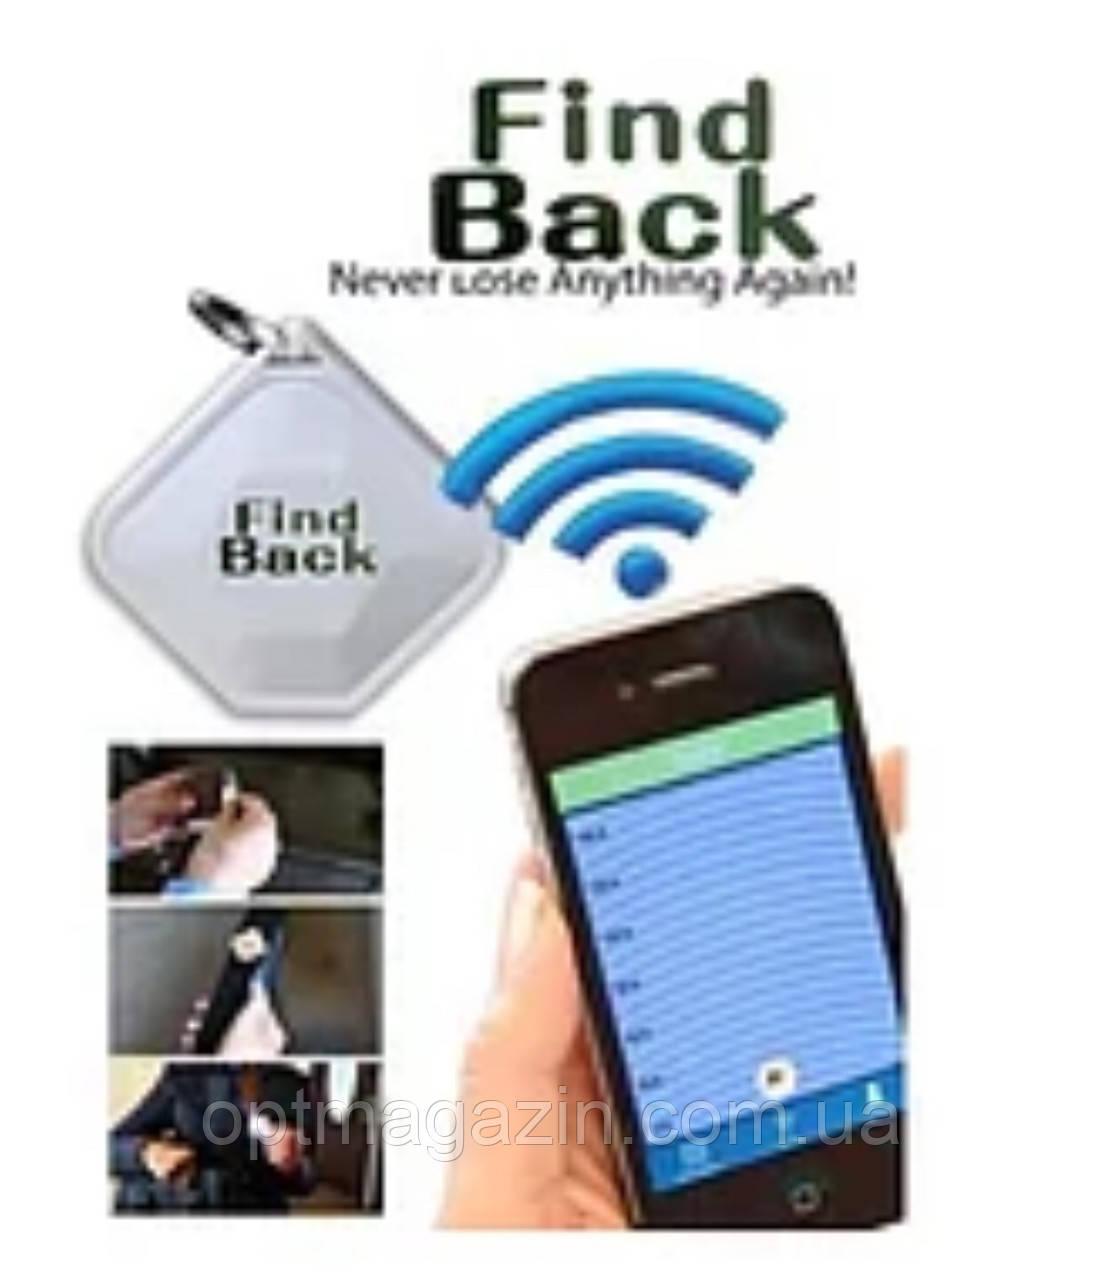 Брелок для пошуку ключів з Bluetooth Find Back , брелок Файнд Бек